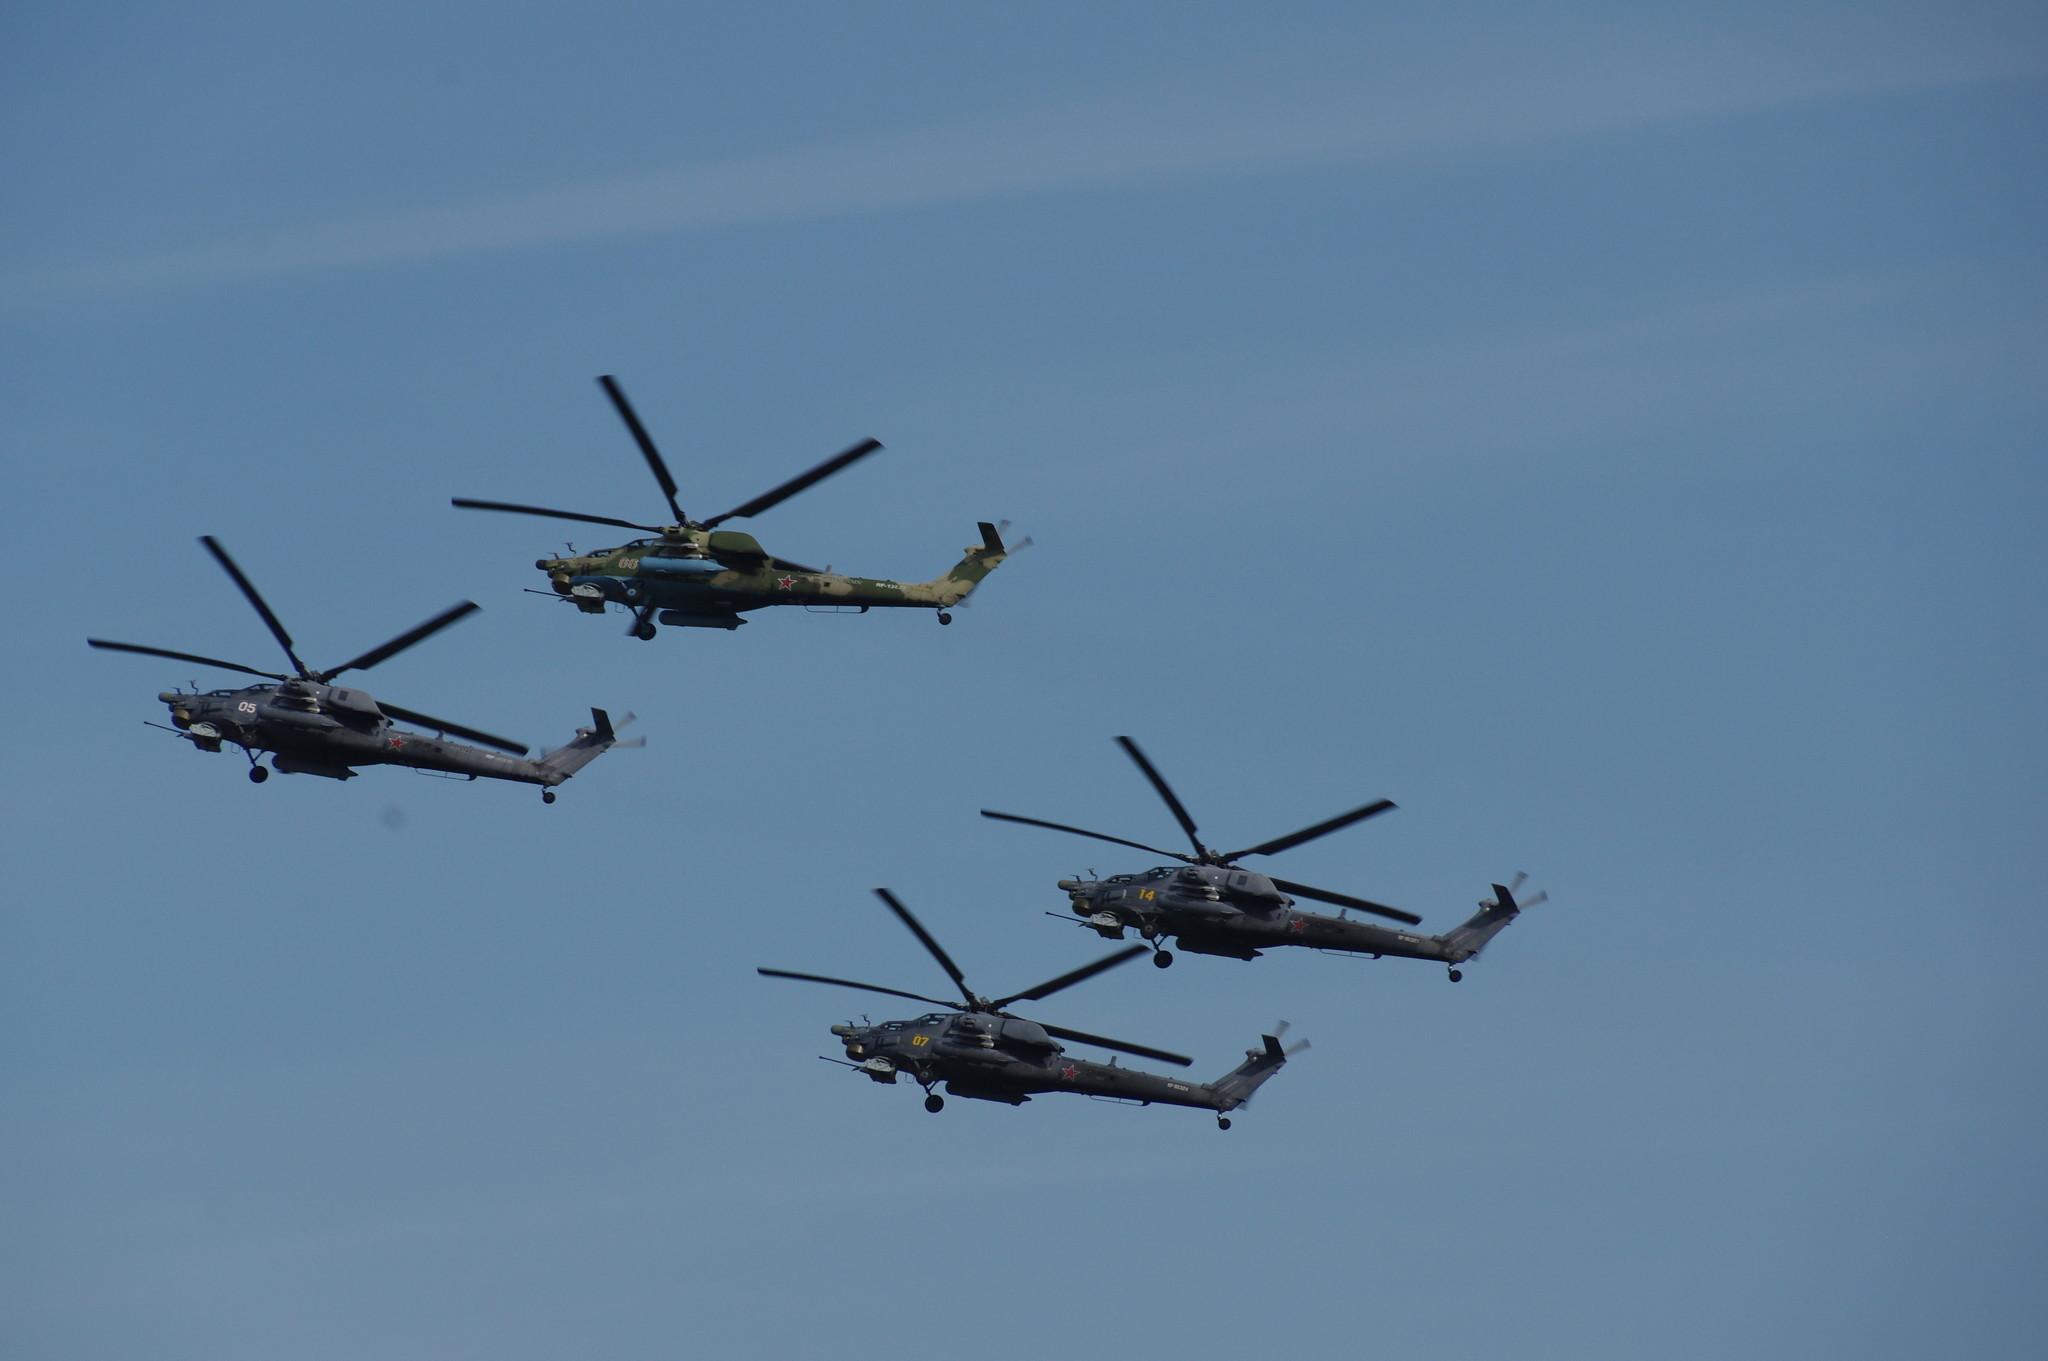 Лётчики пилотажной группы «Беркуты» выступают на вертолётах Ми-28Н